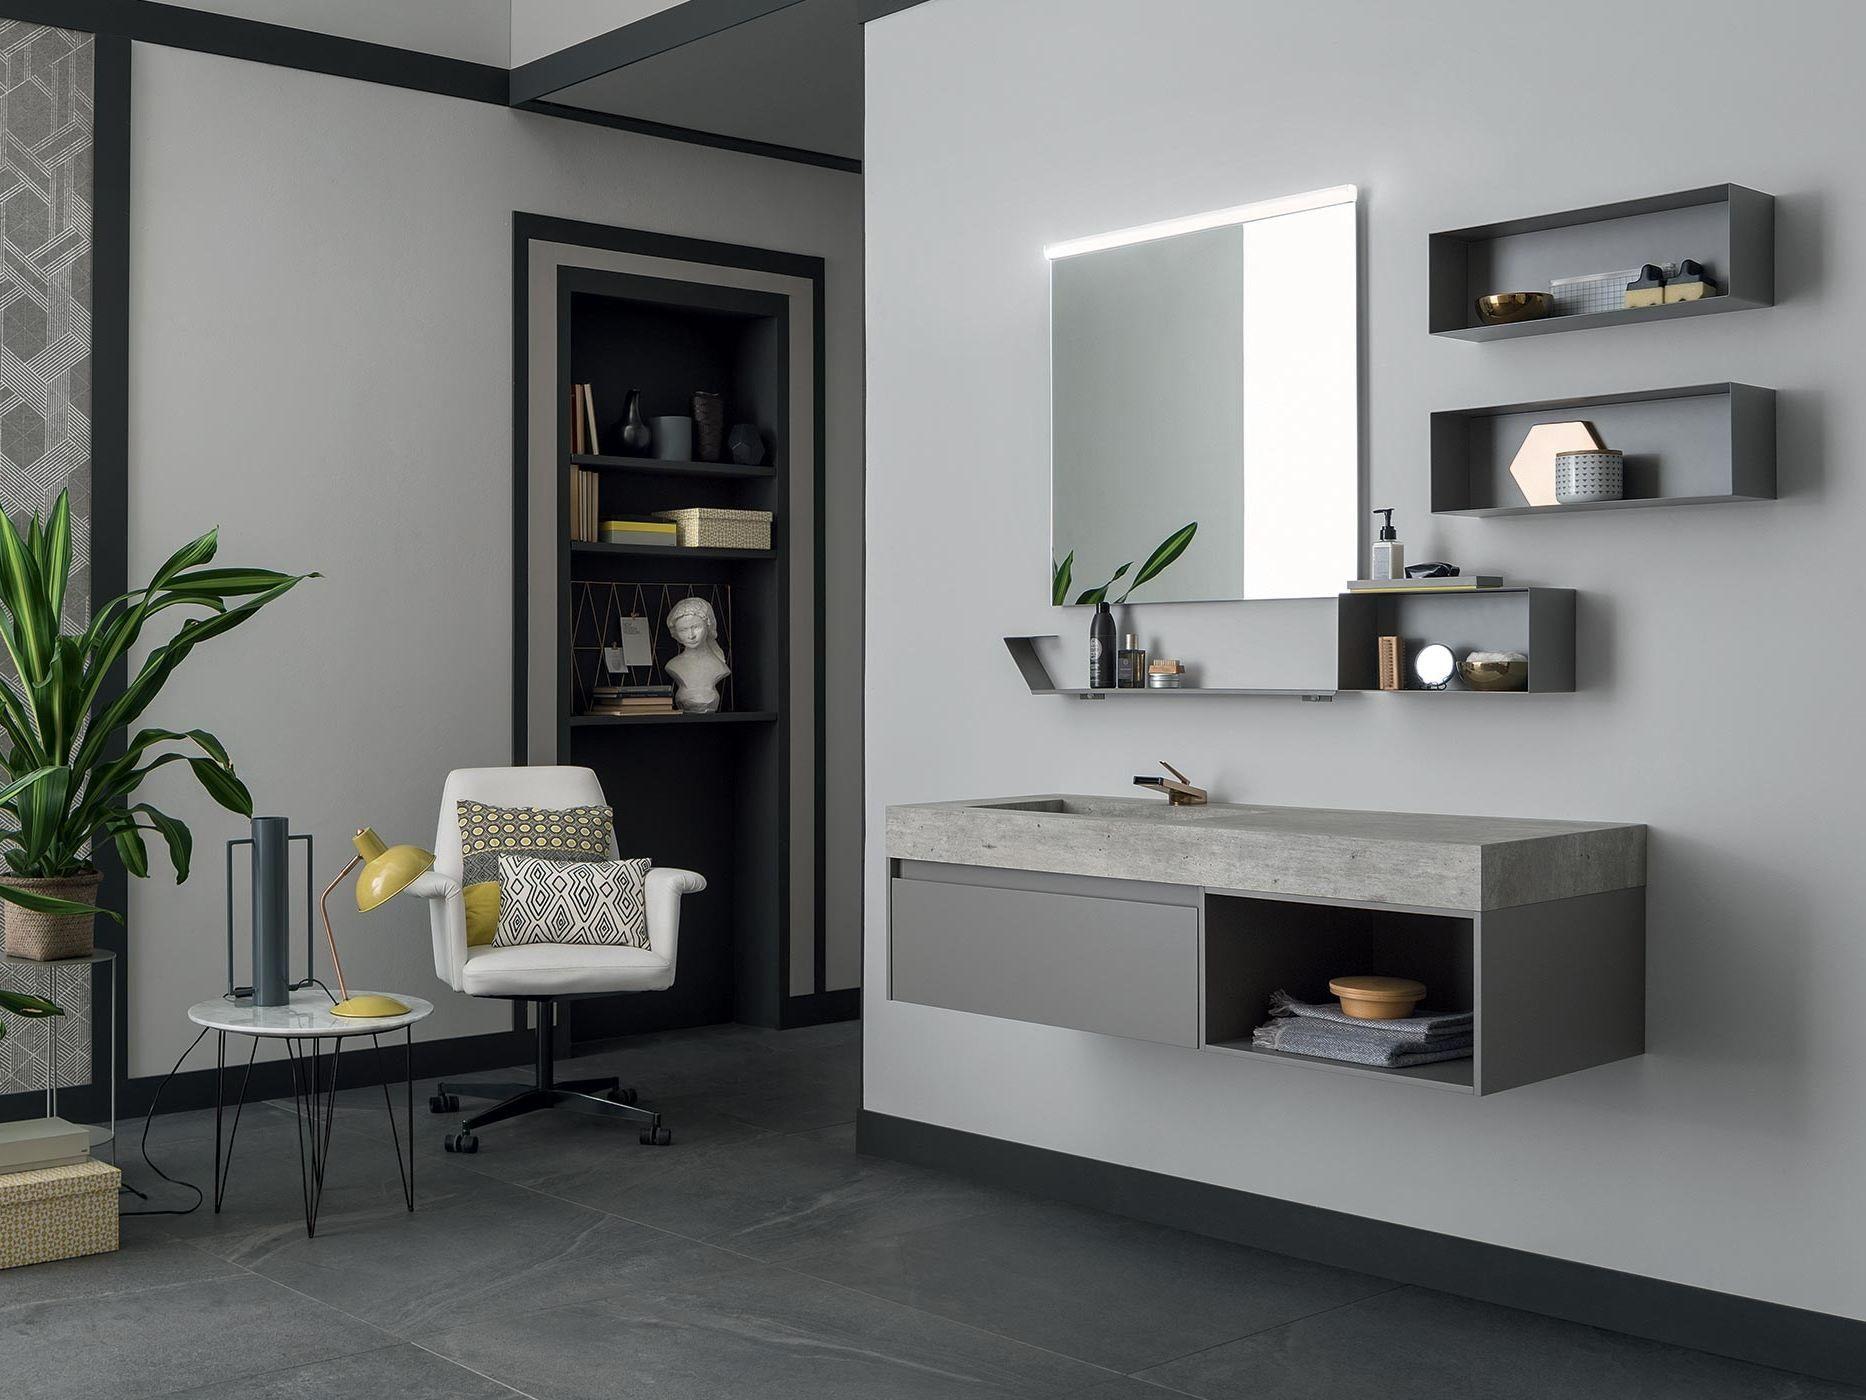 Mobile bagno in stile moderno 87 - 3.0 Collection by RAB Arredobagno design Ufficio tecnico RAB ...